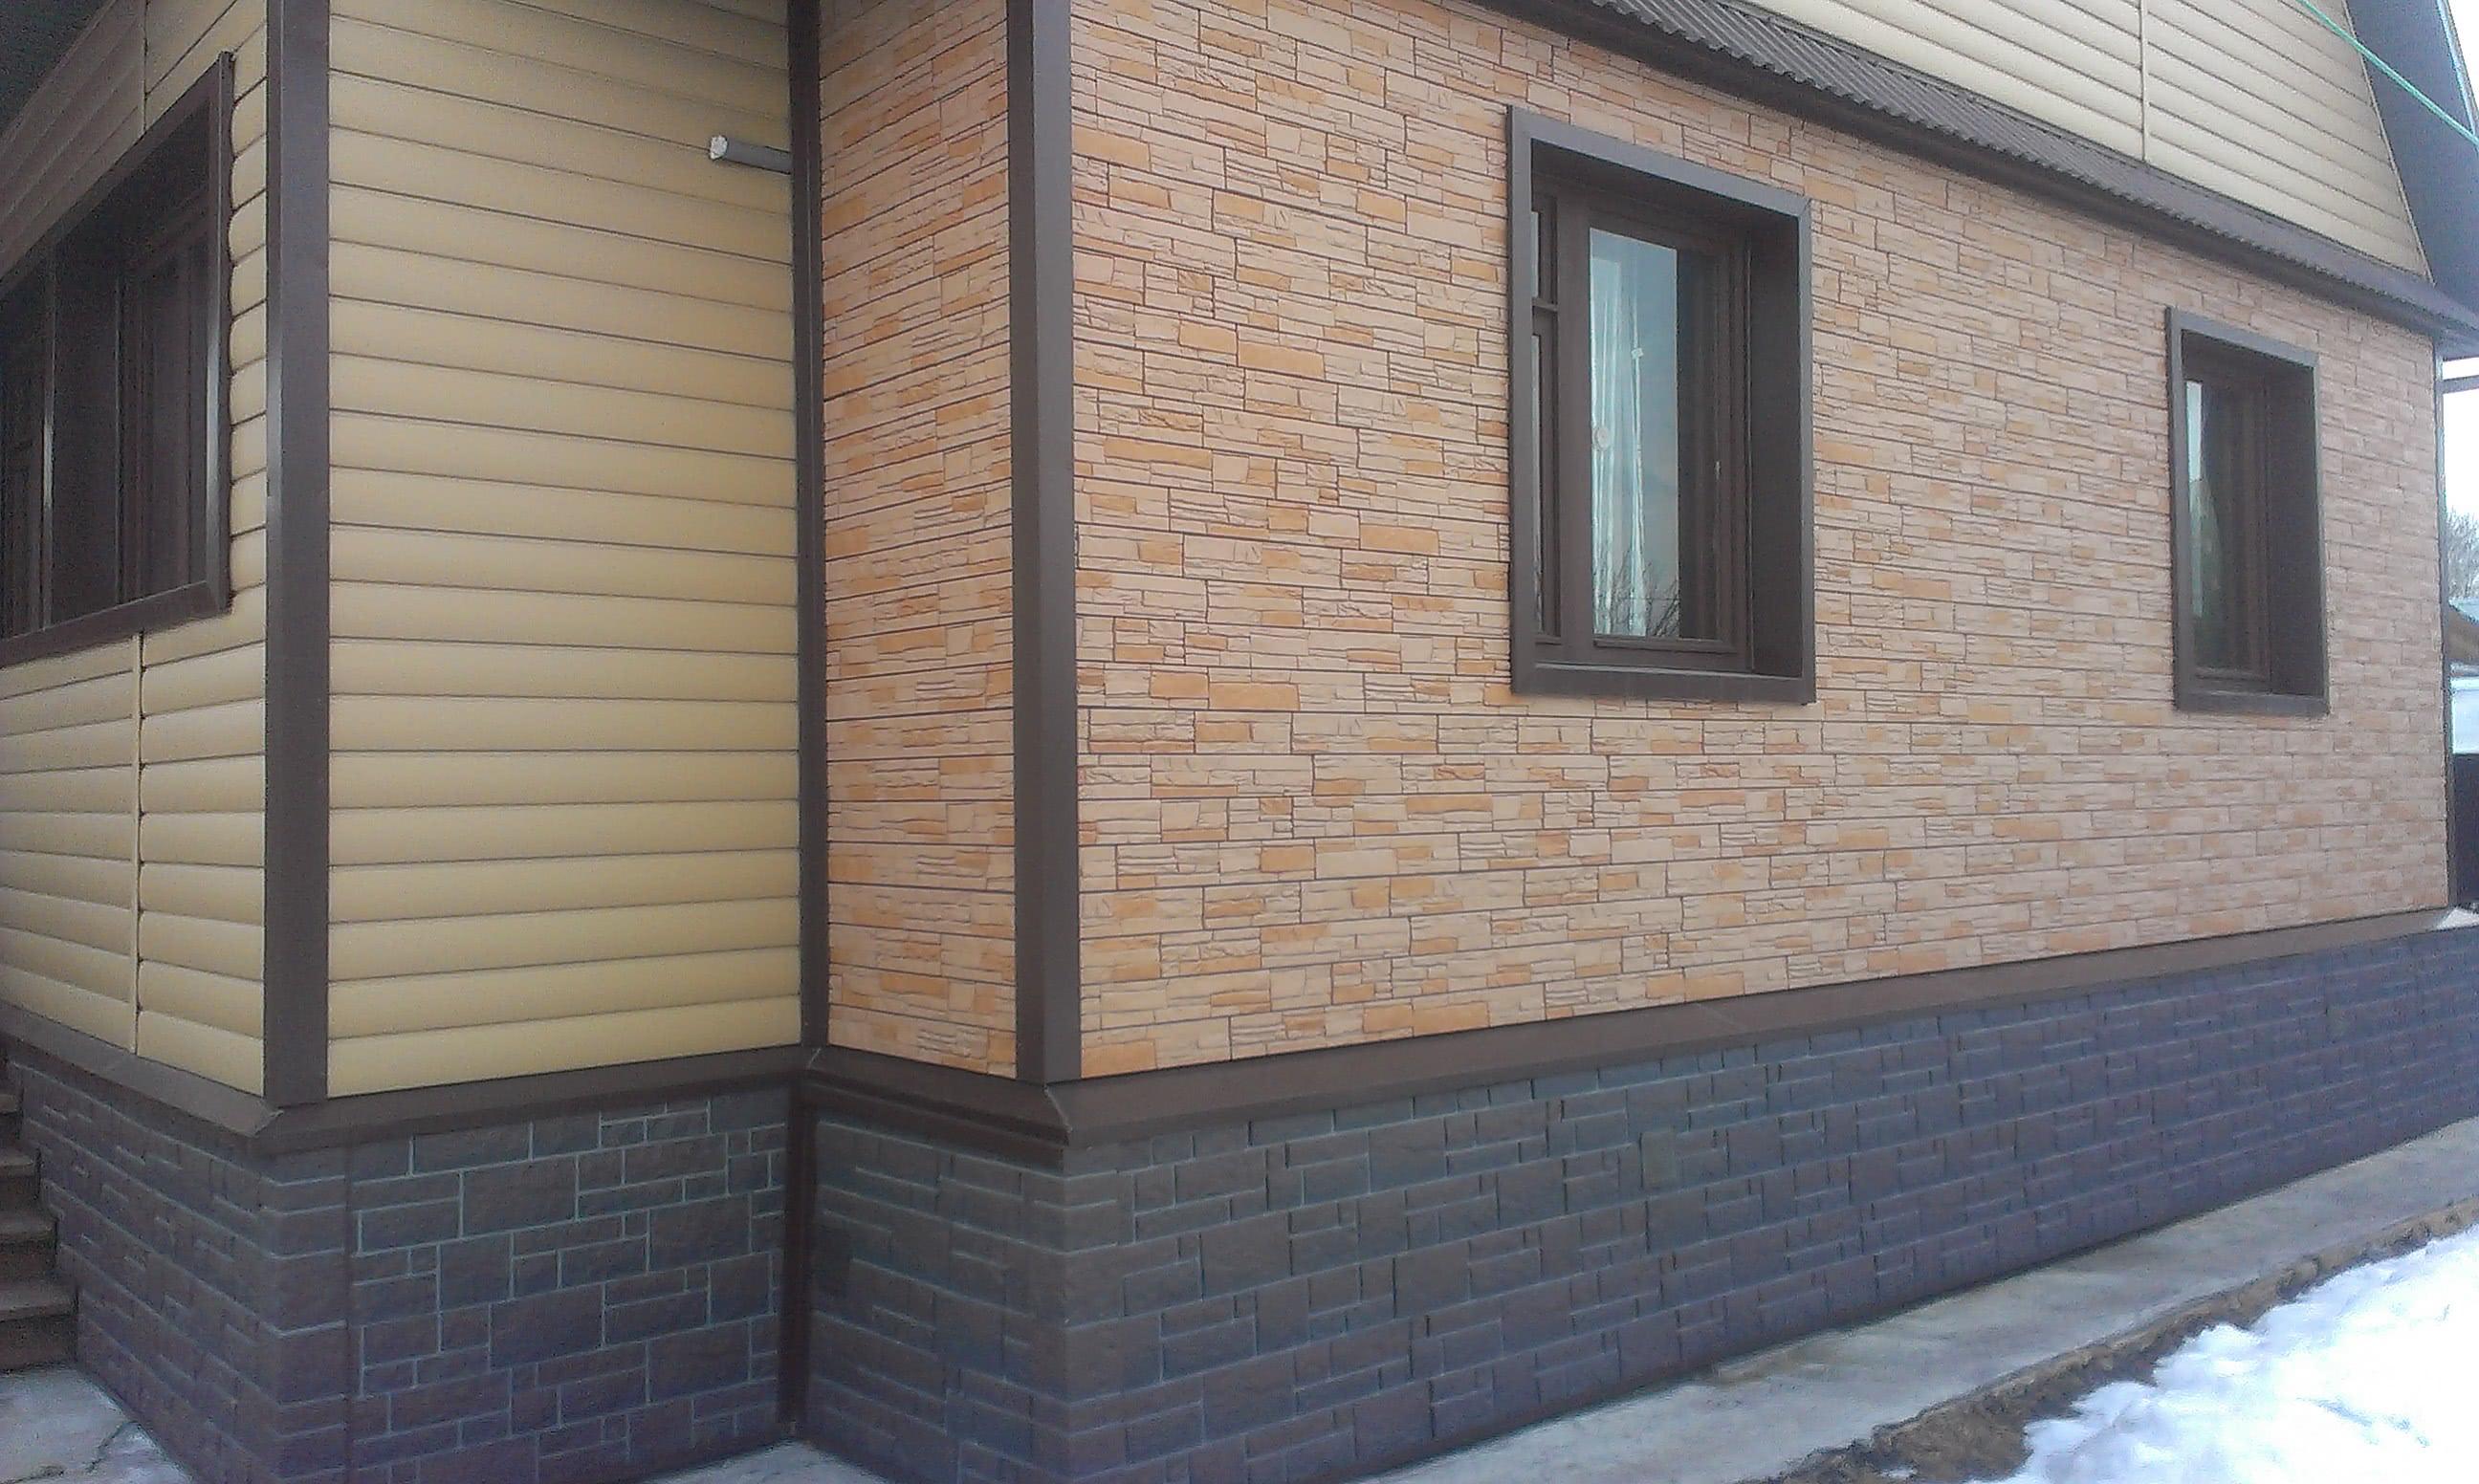 Выбор сайдинга для фасада дома